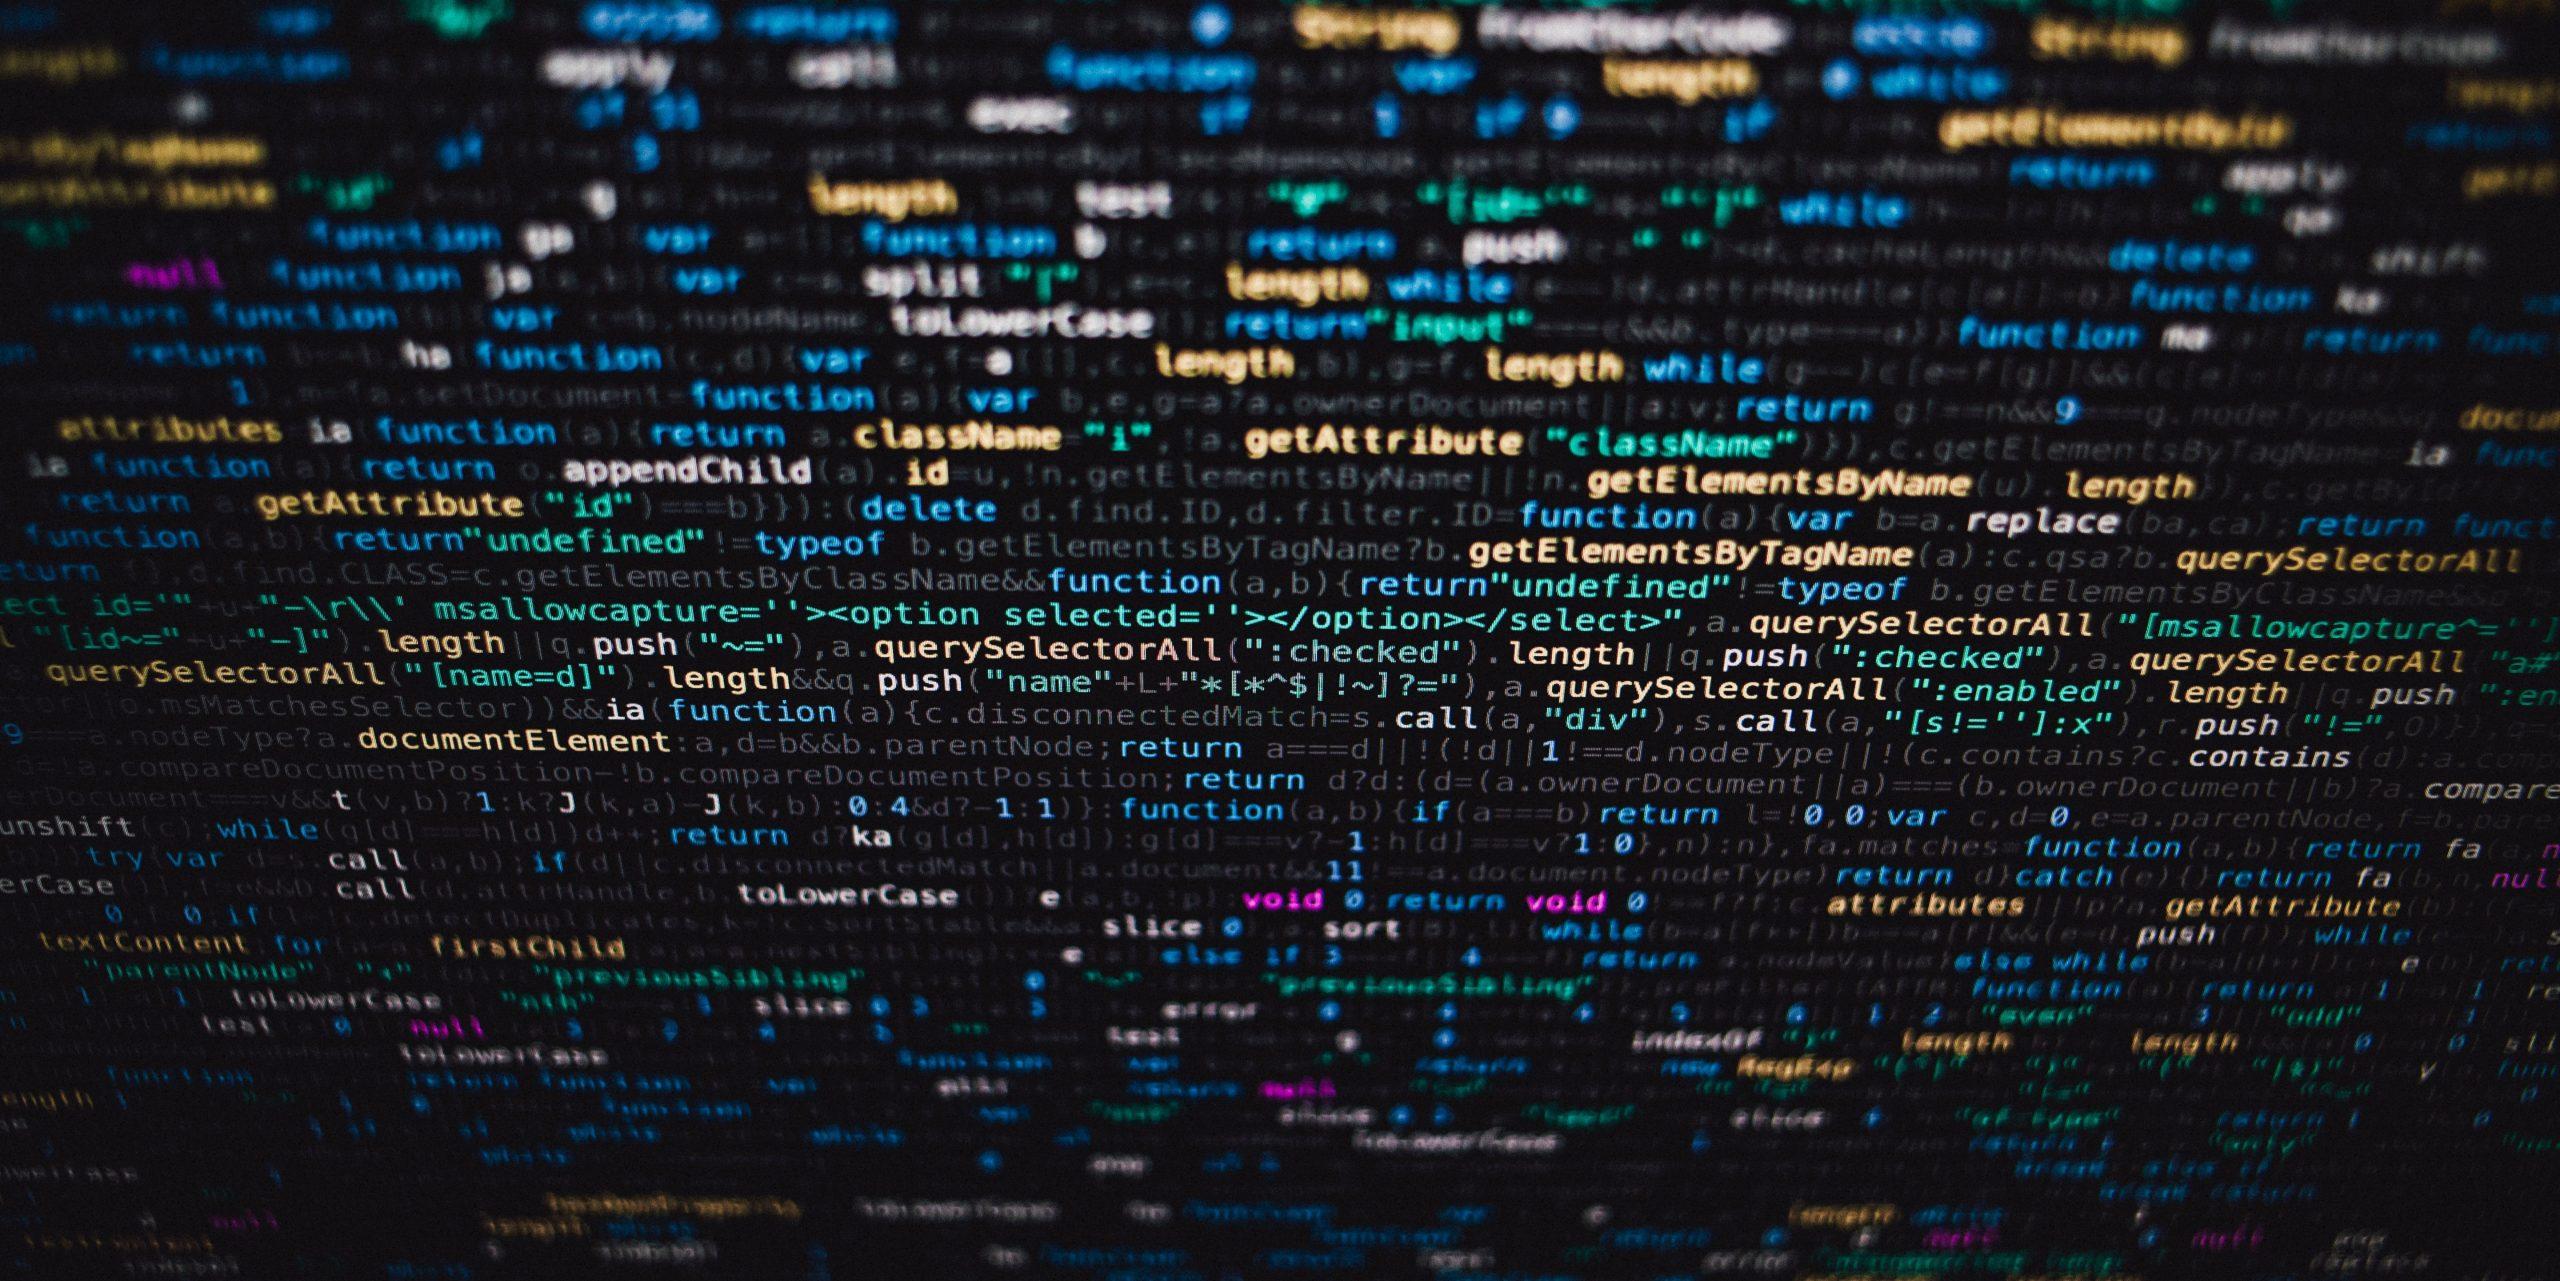 Государство обещает бизнесу бесплатный доступ к данным